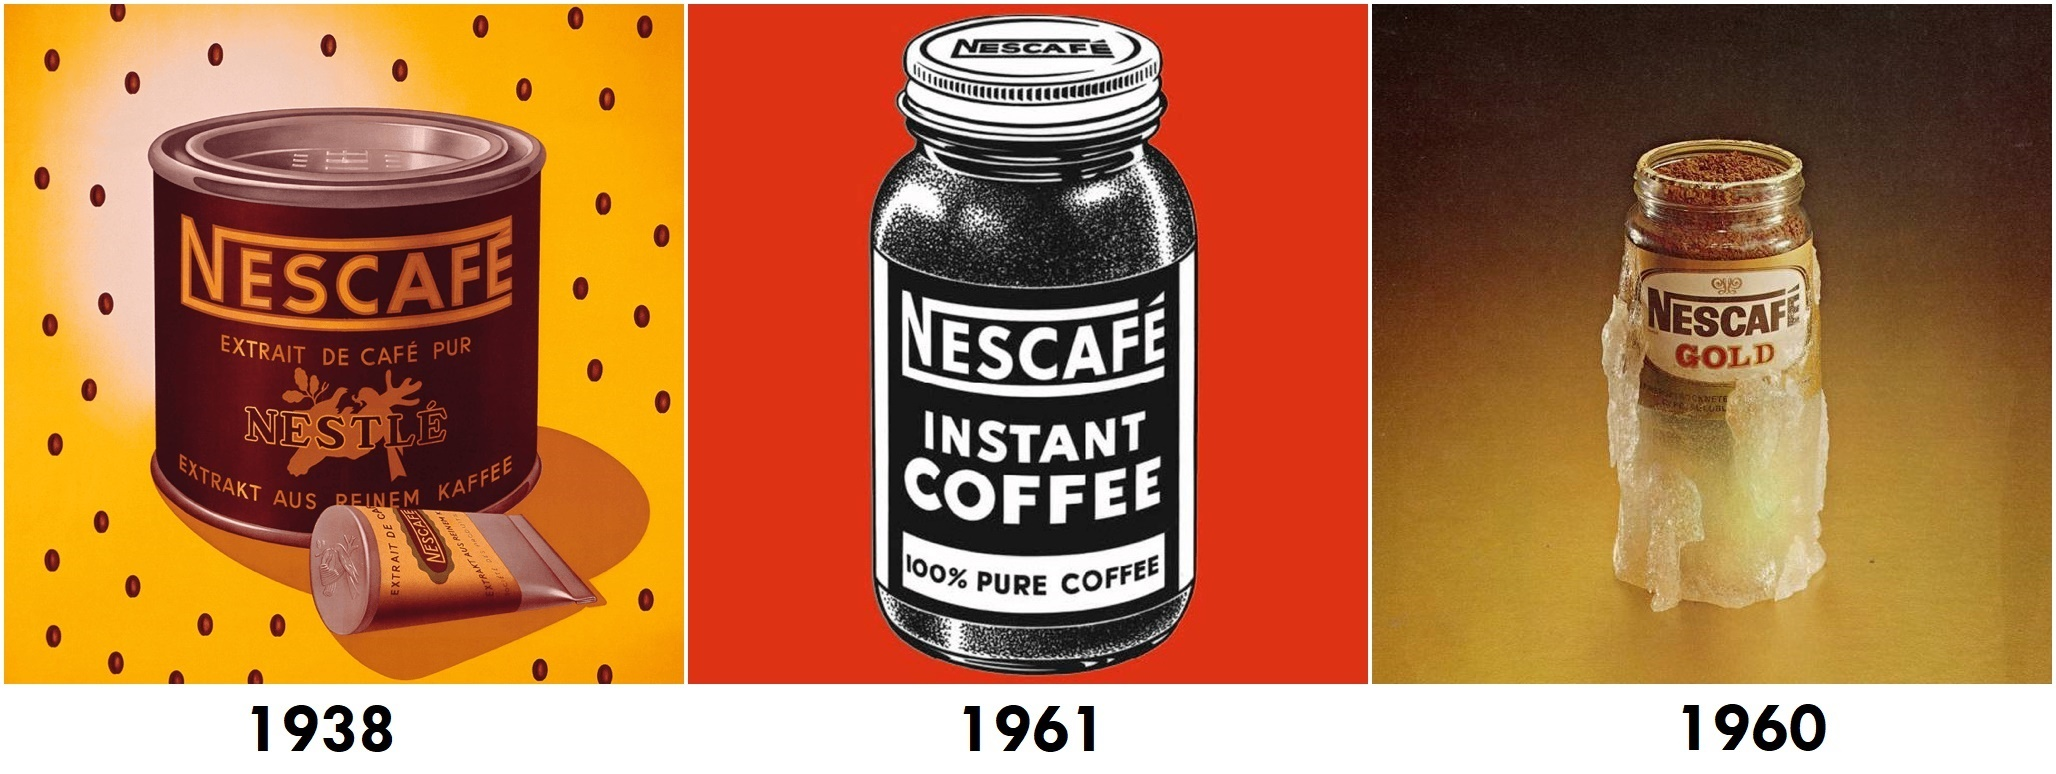 Sejarah Nescafe Kopi